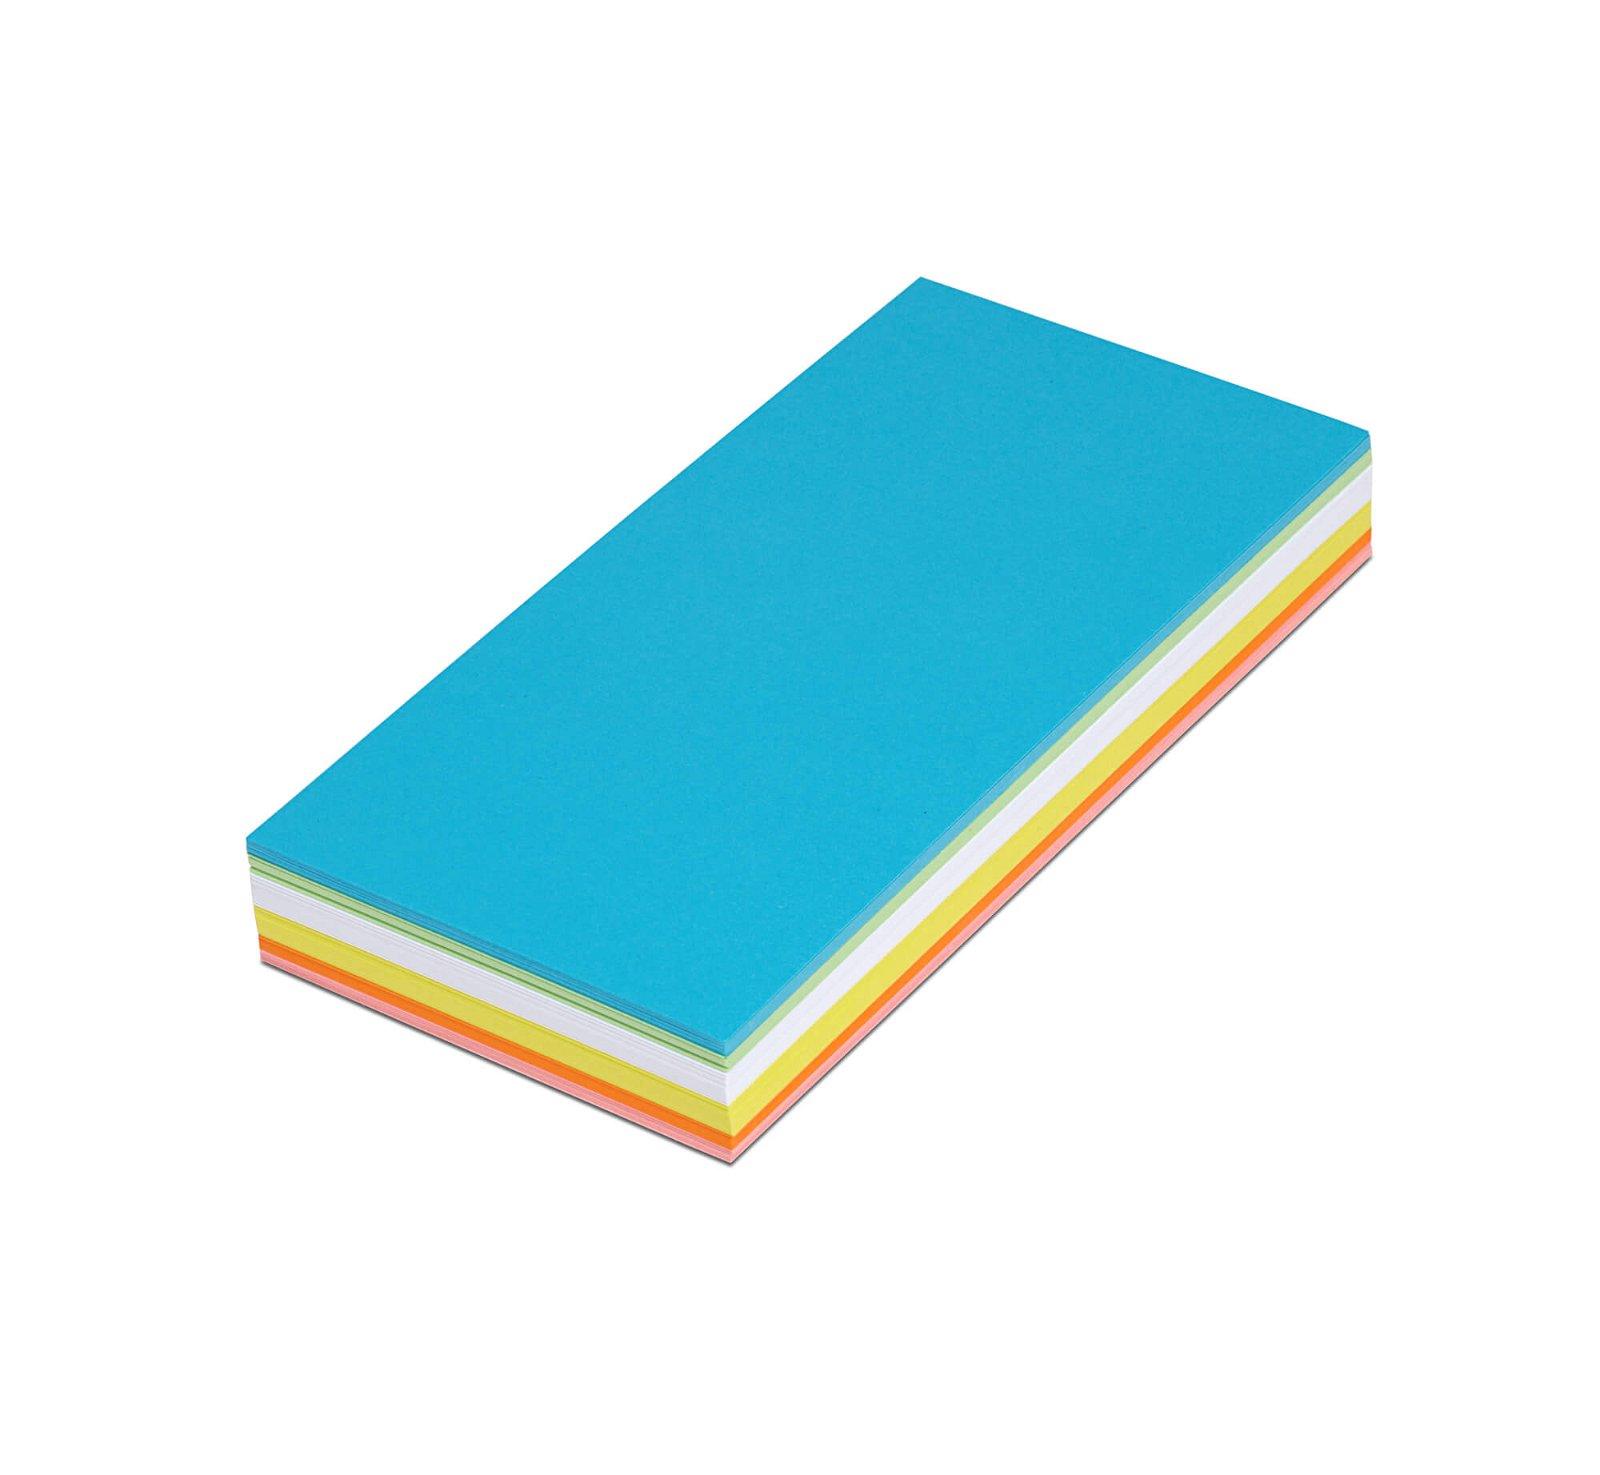 Moderationskarten rechteckig, 20,5 x 9,5 cm, 120 St./Pack, farbig sortiert